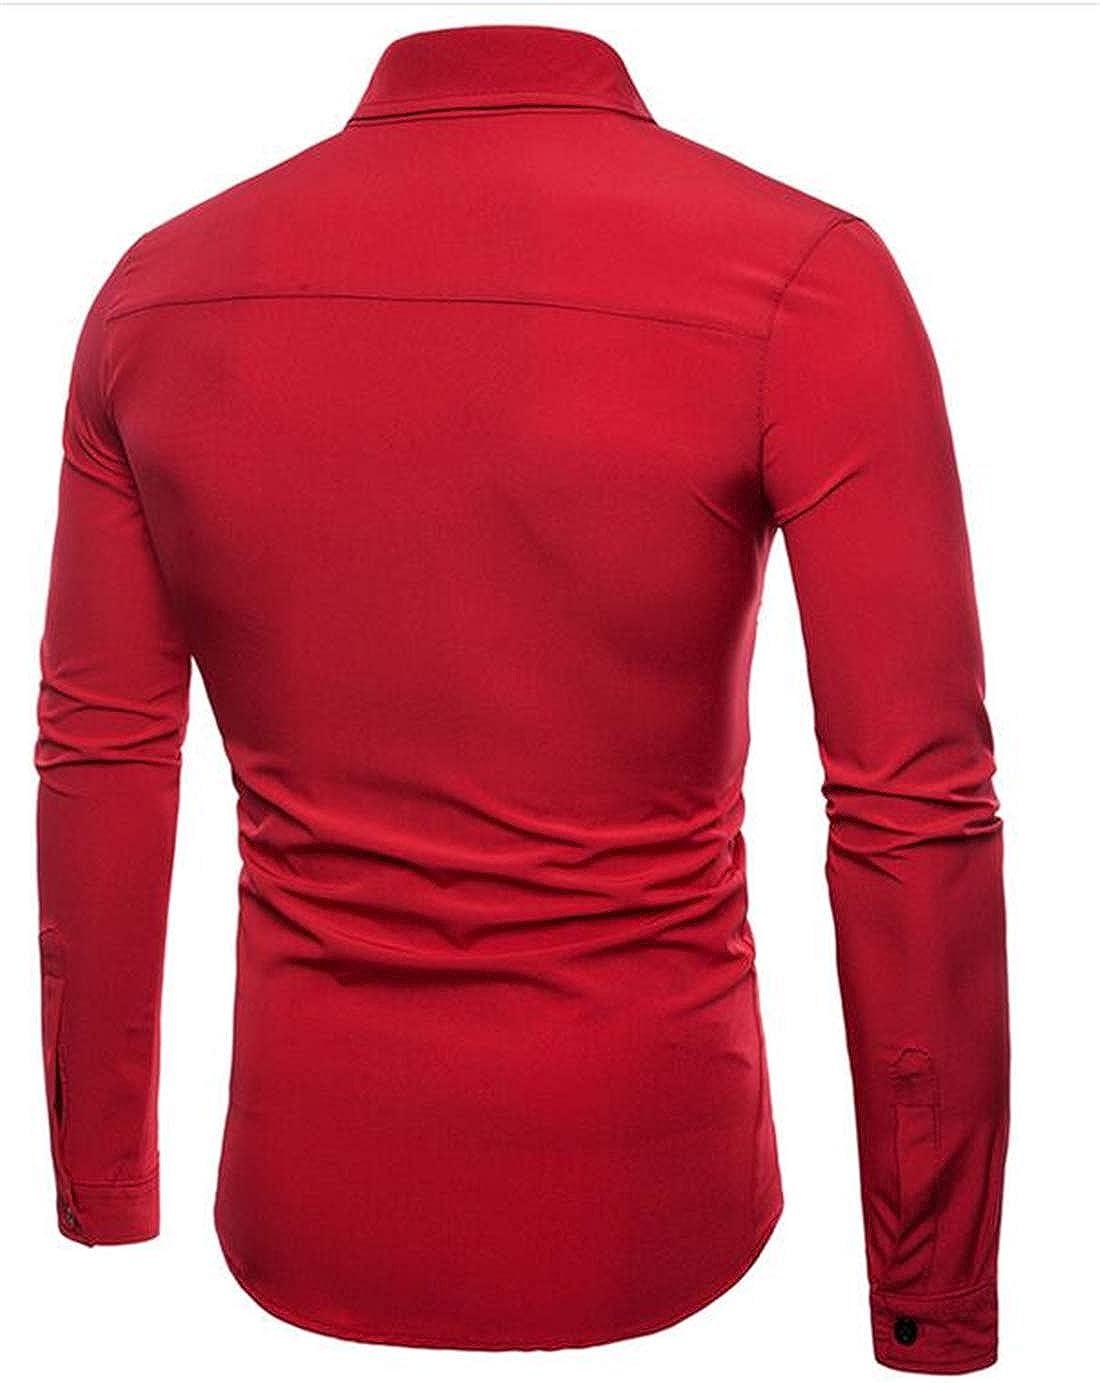 Hurrg Men Casual Long Sleeve Button Up Plain Regular Fit Business Formal Shirt